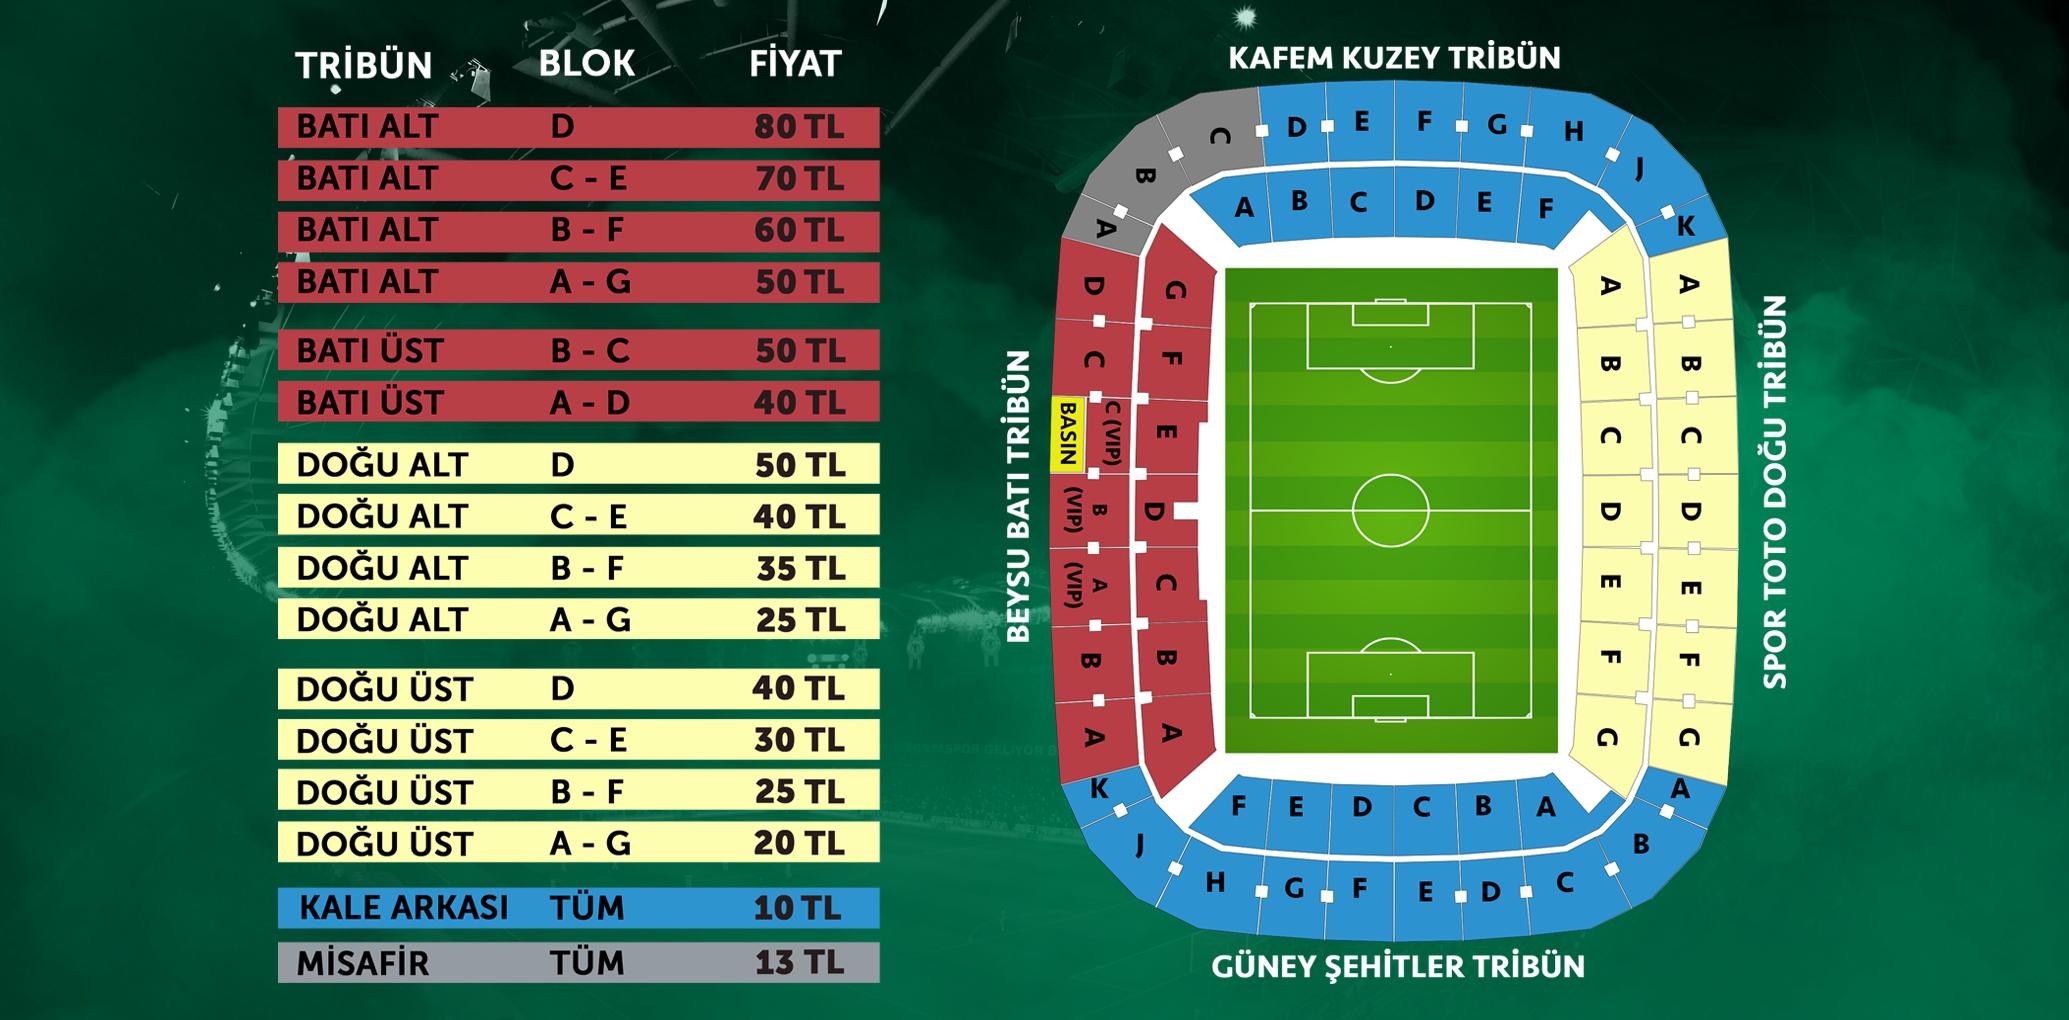 Konyaspor-Malatyaspor maçı biletleri satışa çıktı